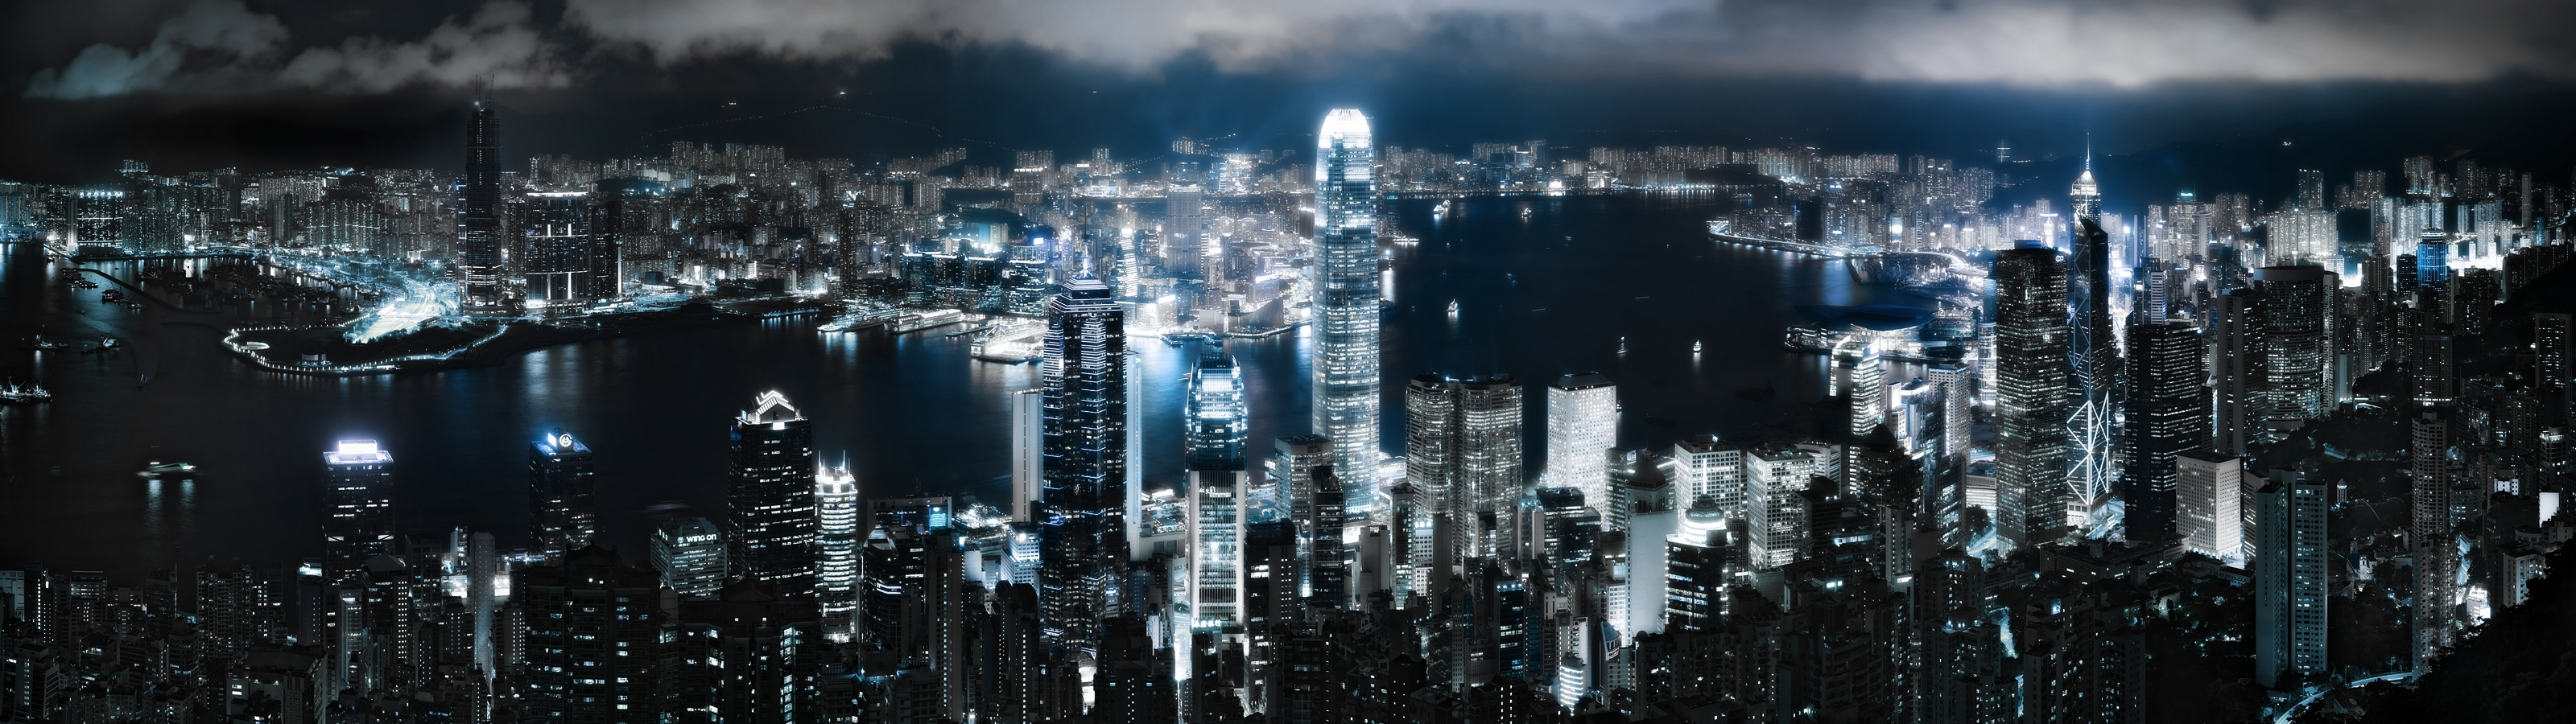 ville fond d'écran and arrière-plan | 3200x900 | id:137388